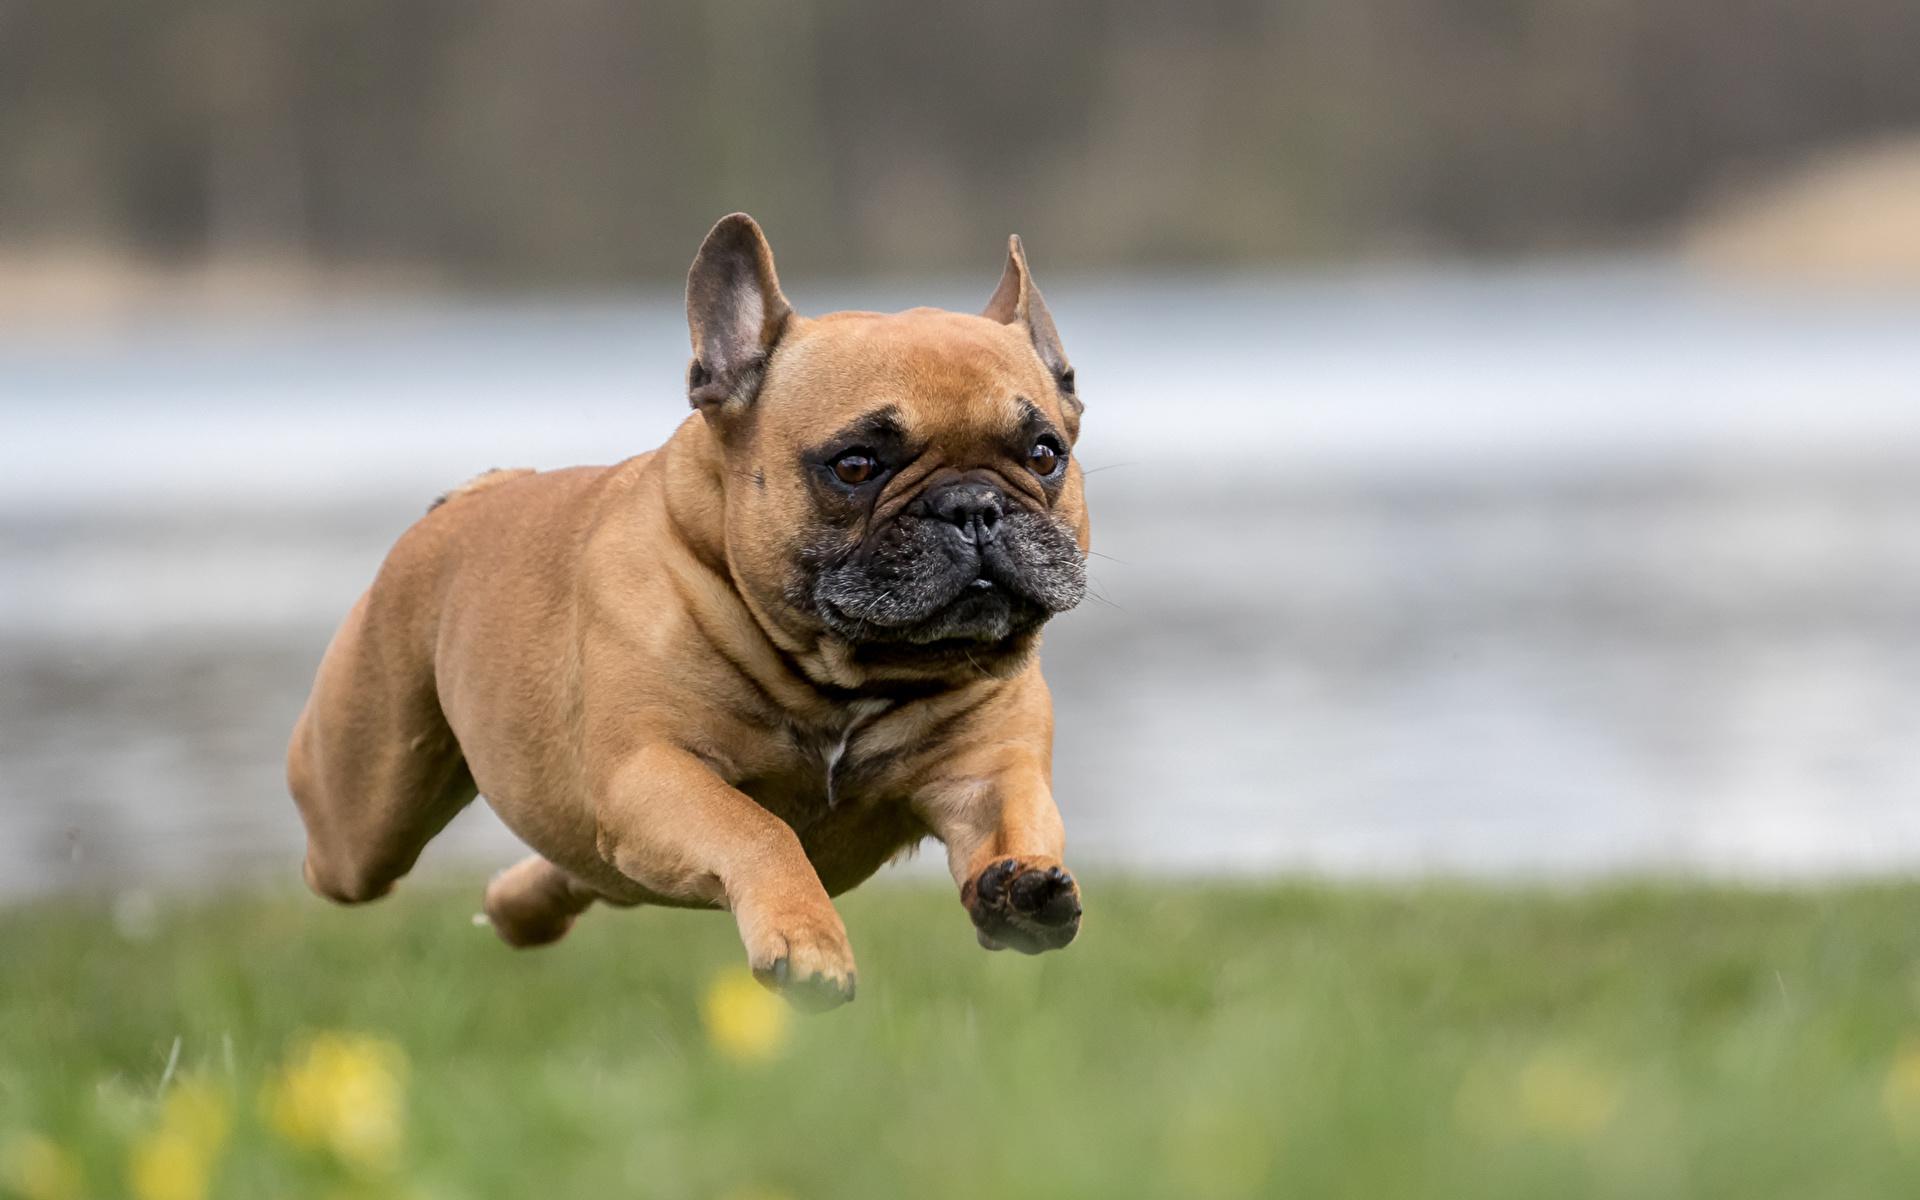 Resultado de imagen para french bulldog running